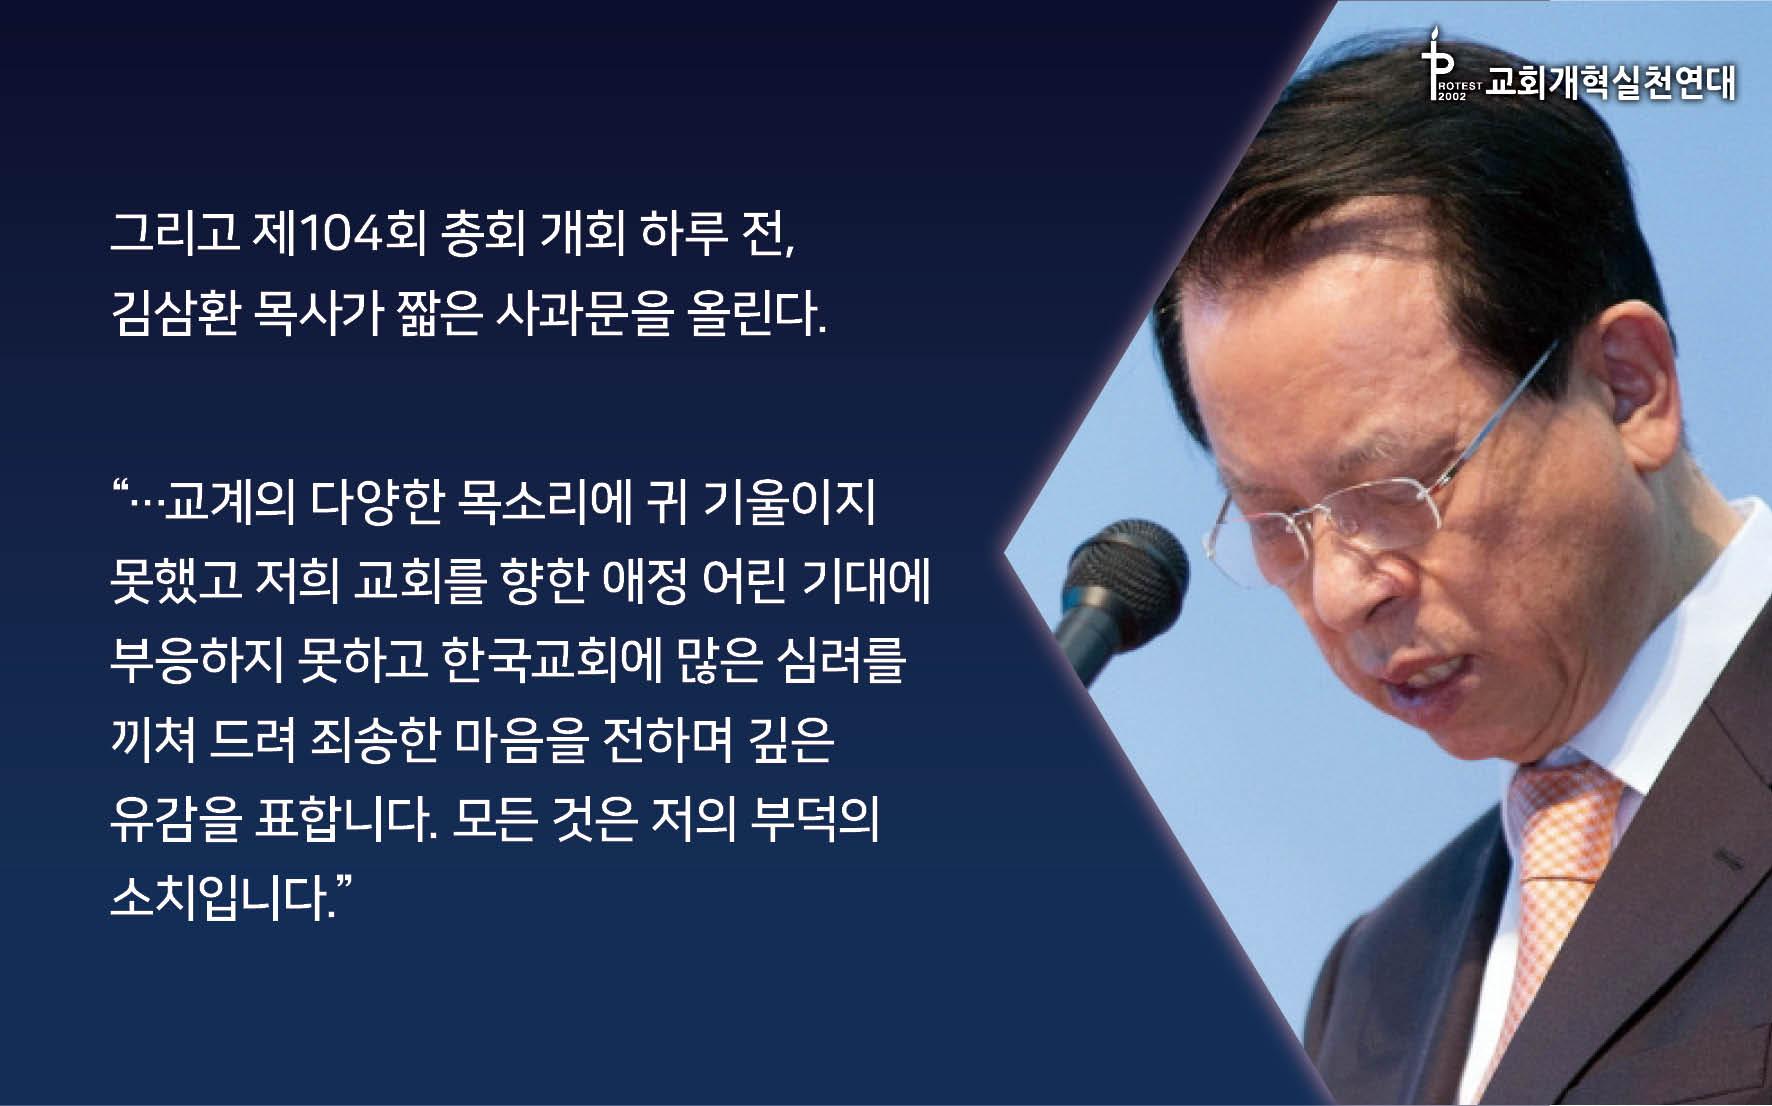 카드뉴스-명성교회-최종4.jpg